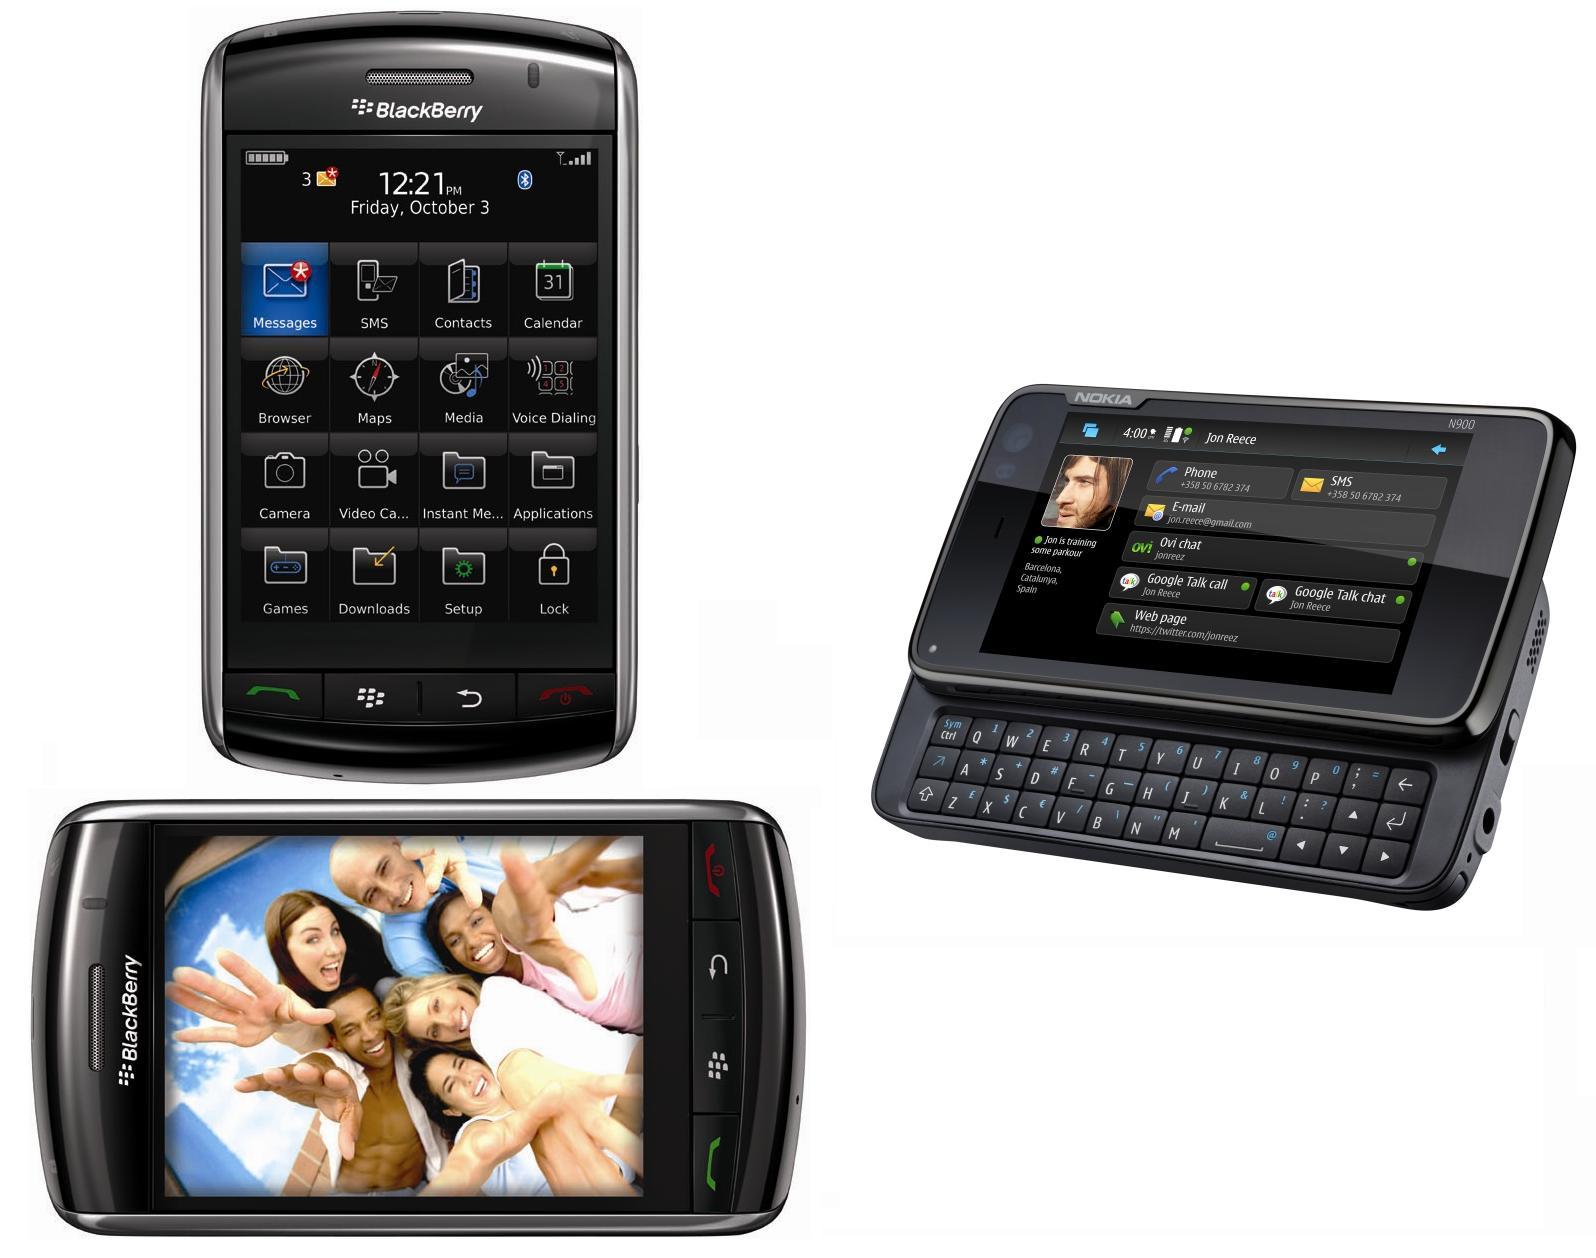 http://1.bp.blogspot.com/-j34lnLWPB4Q/TspVU5fxfgI/AAAAAAAAAt0/Da948CO9knU/s1600/Nokia-N900-vs-BlackBerry-Storm-9530.jpg